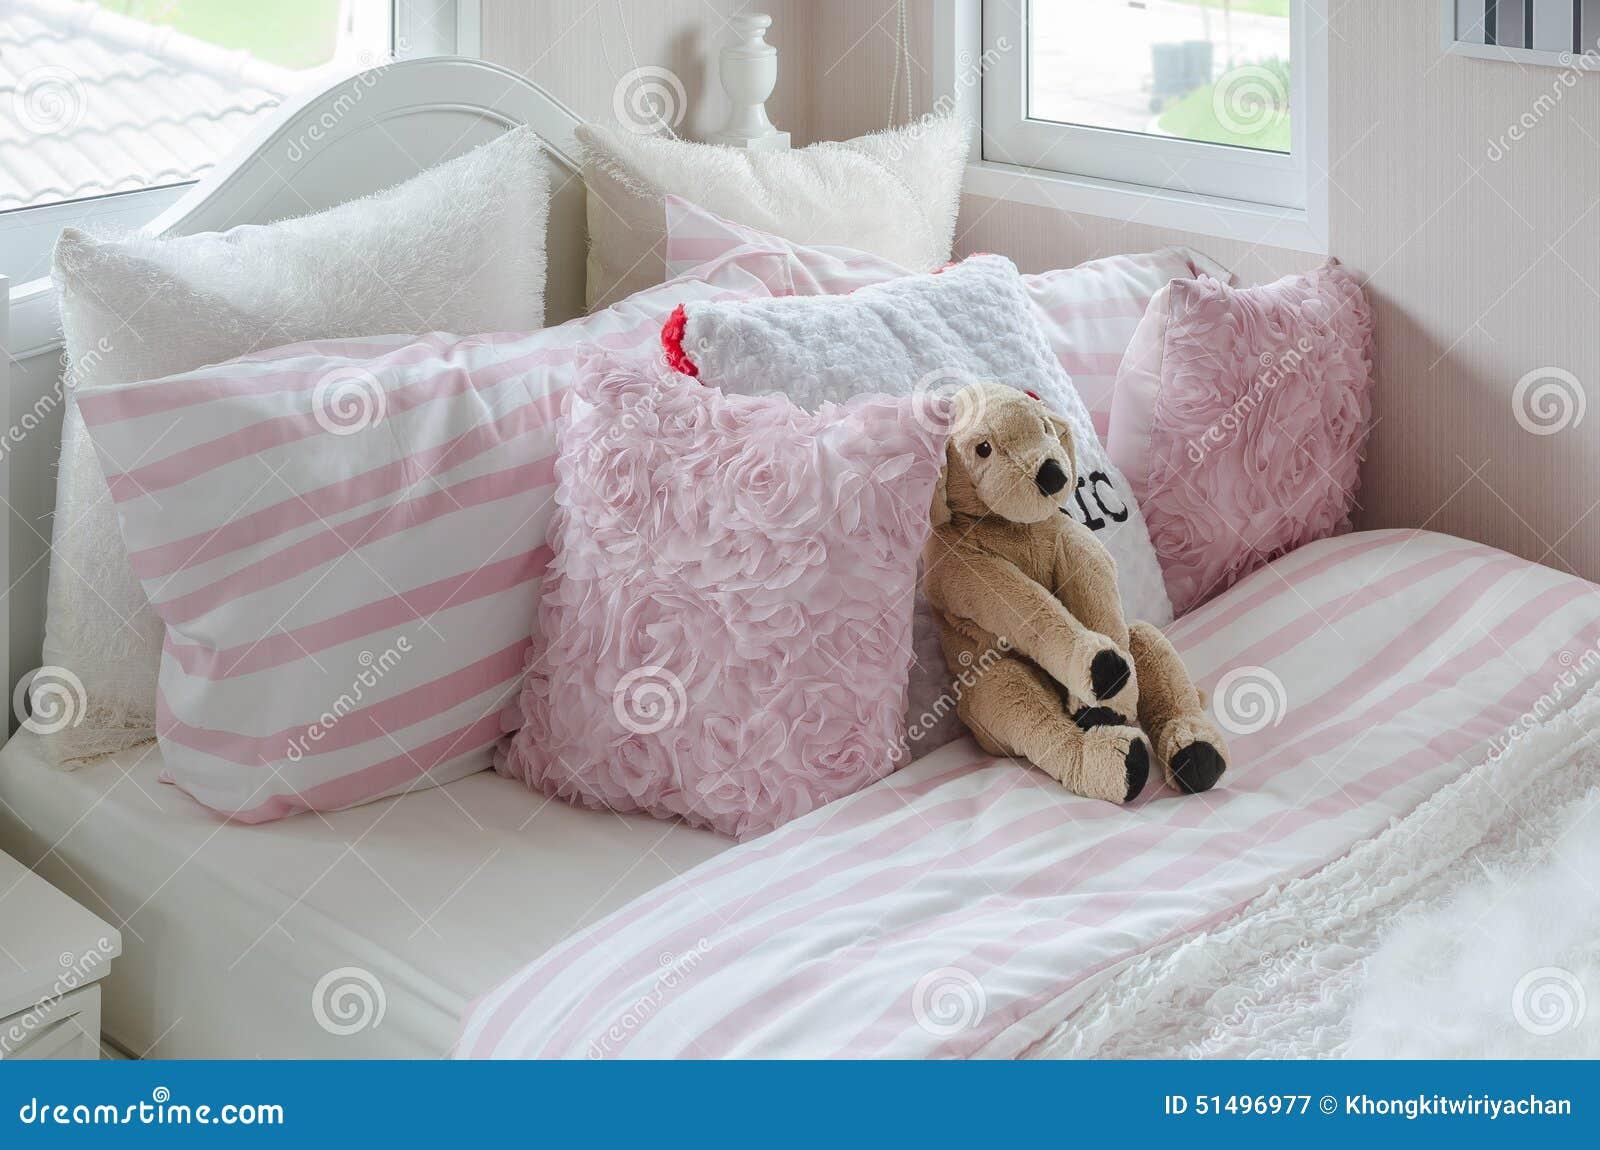 la camera da letto del bambino con la bambola ed i cuscini rosa ... - Cuscini Camera Da Letto